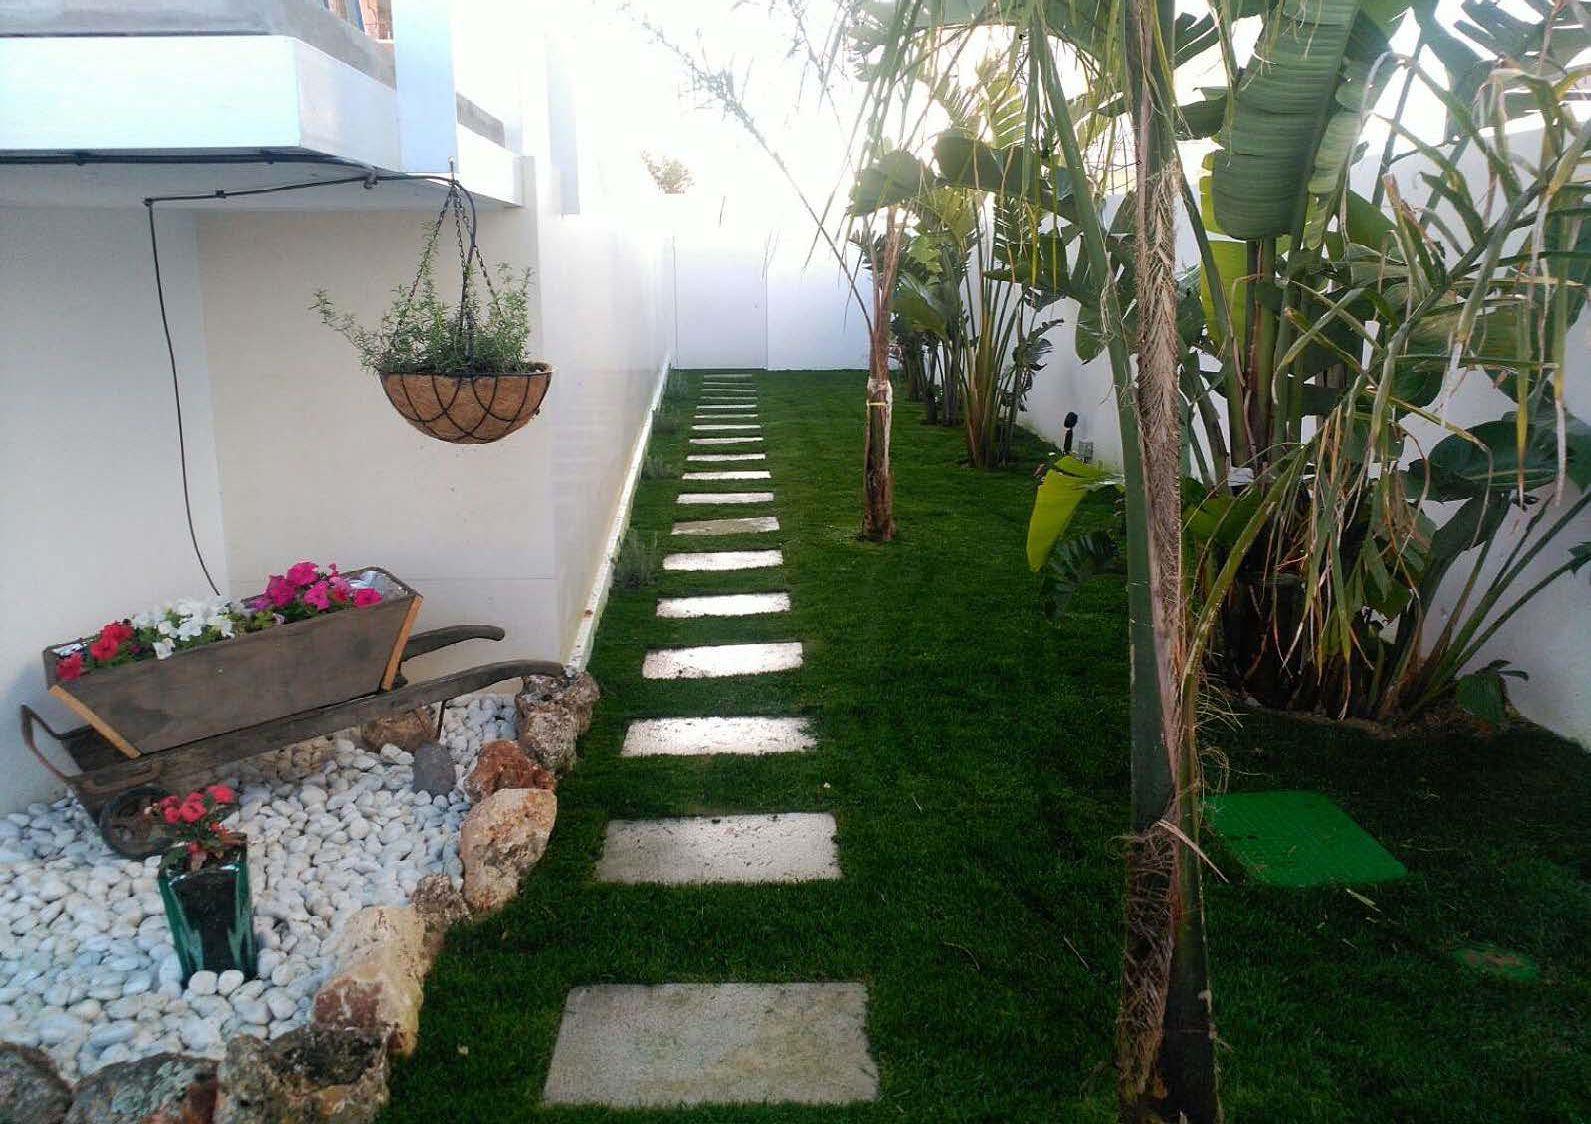 Jardines en Chiclana de la Frontera, Cádiz